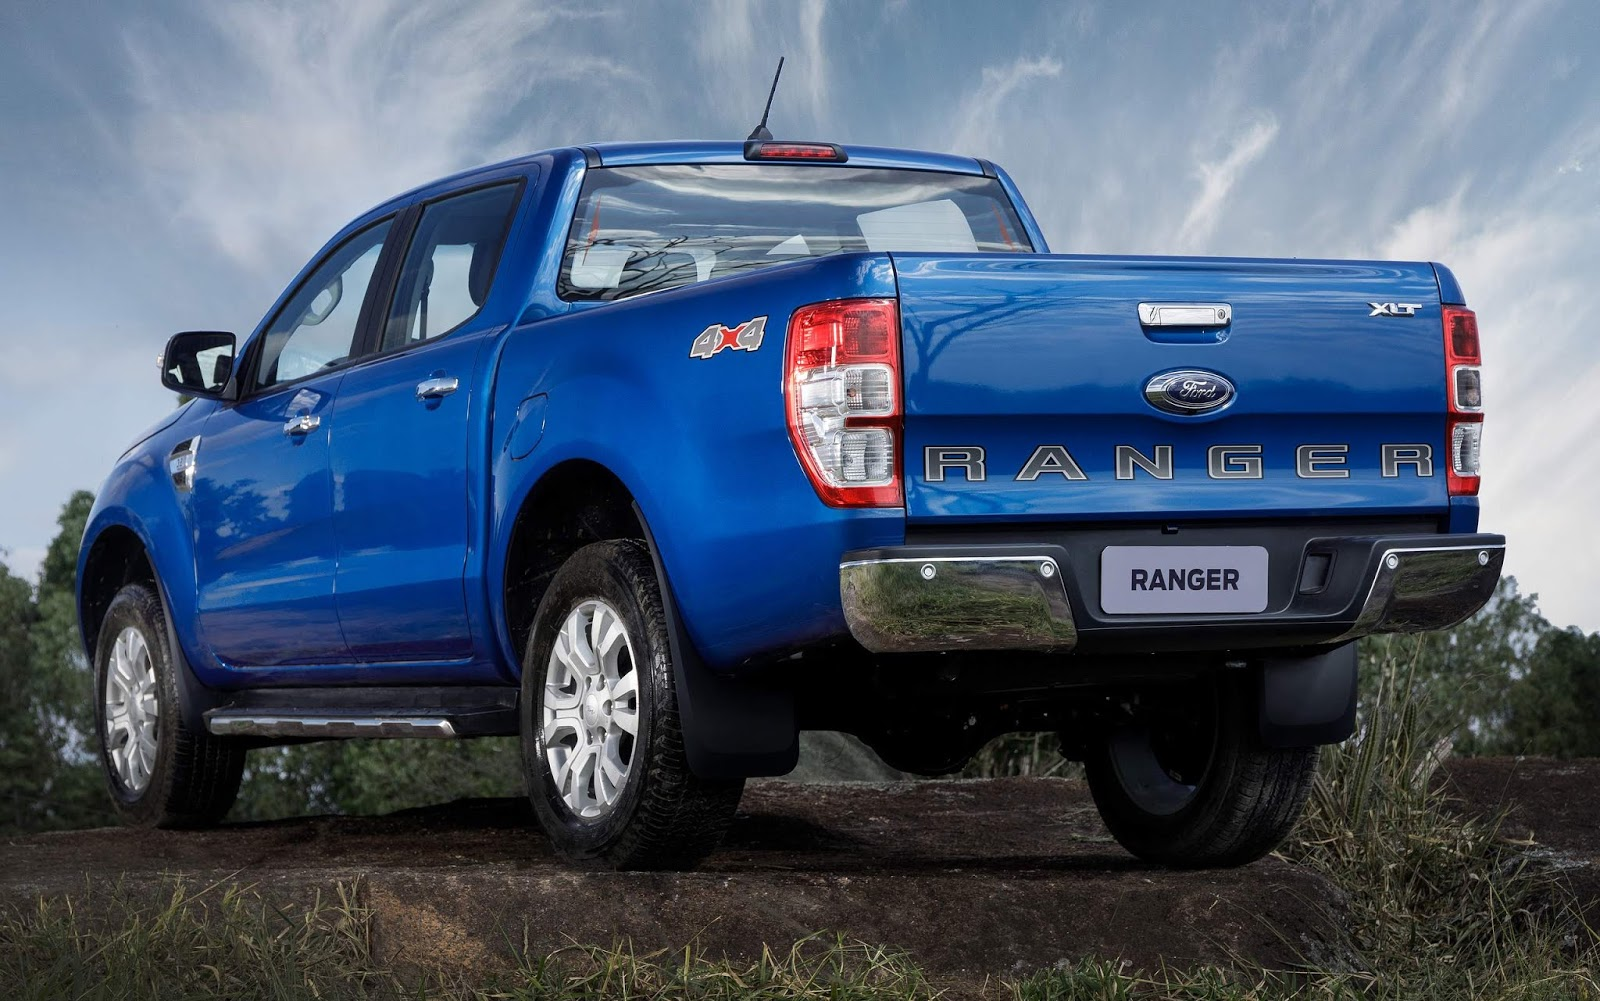 novo ford ranger 2020  fotos  pre u00e7os  consumo e vers u00f5es